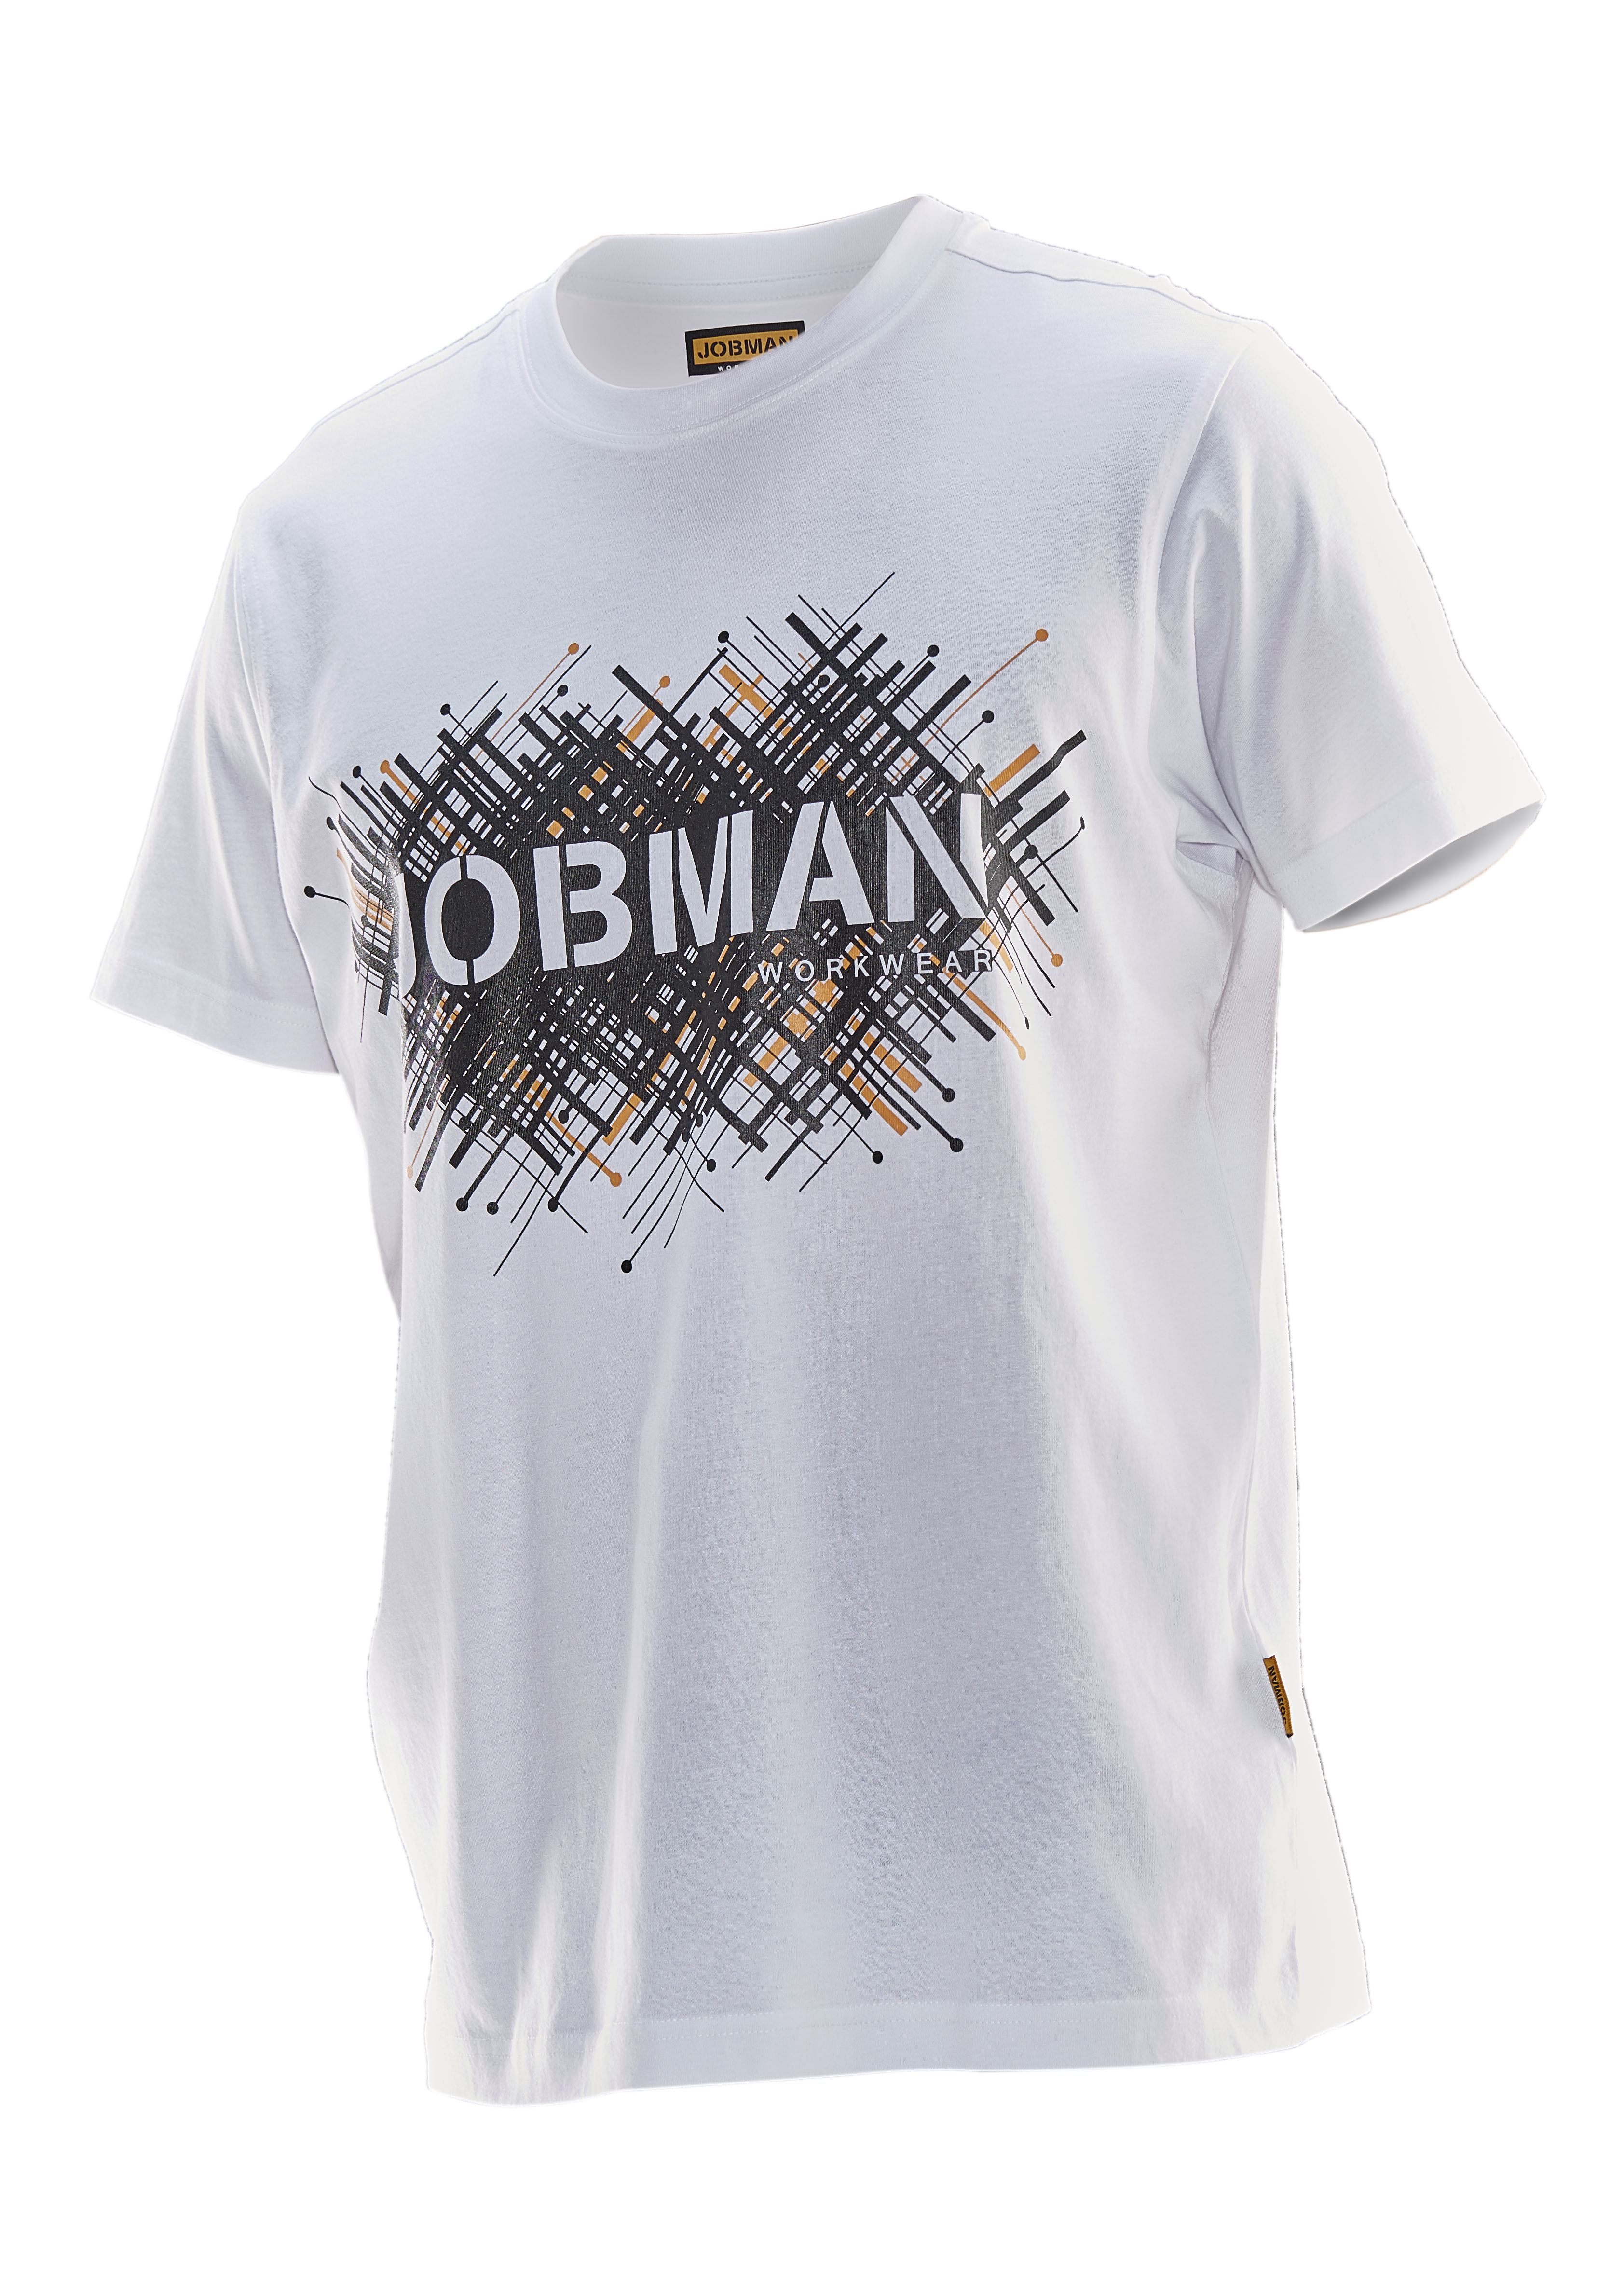 5267 T-shirt imprimé Spike 3XL blanc/noir